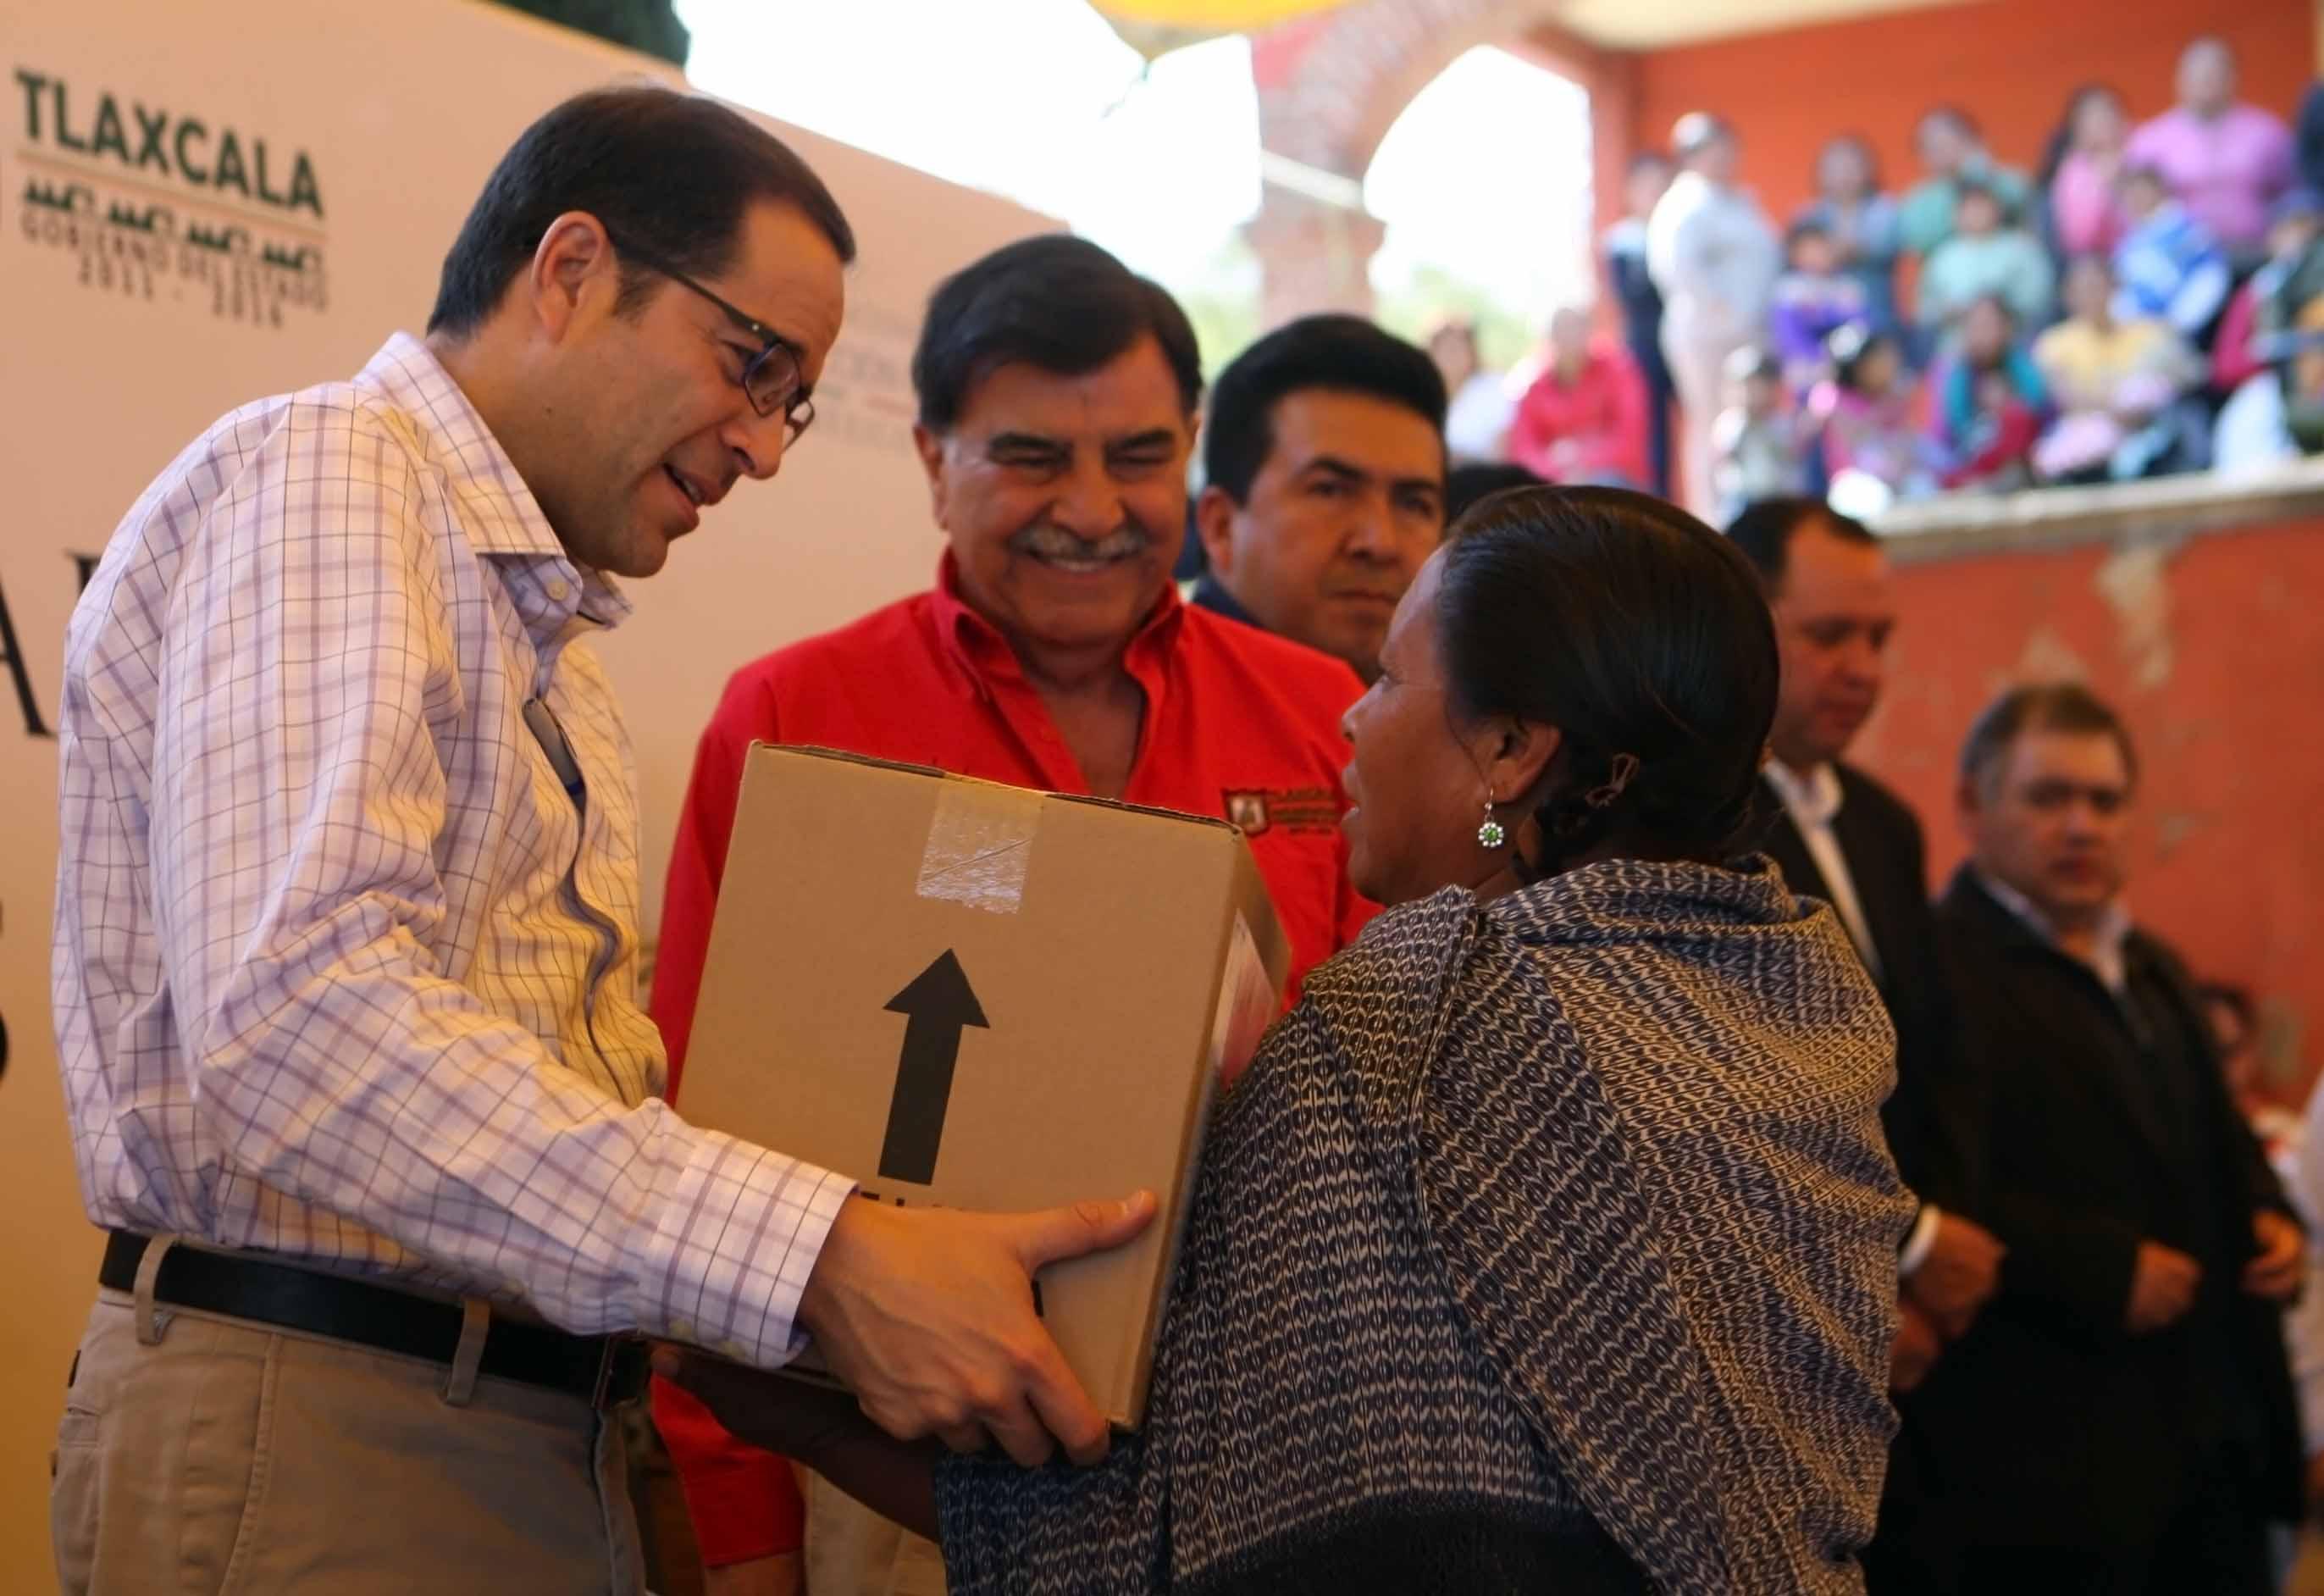 Proteger a las familias mexicanas y brindarles mayor bienestar, compromiso del actual gobierno